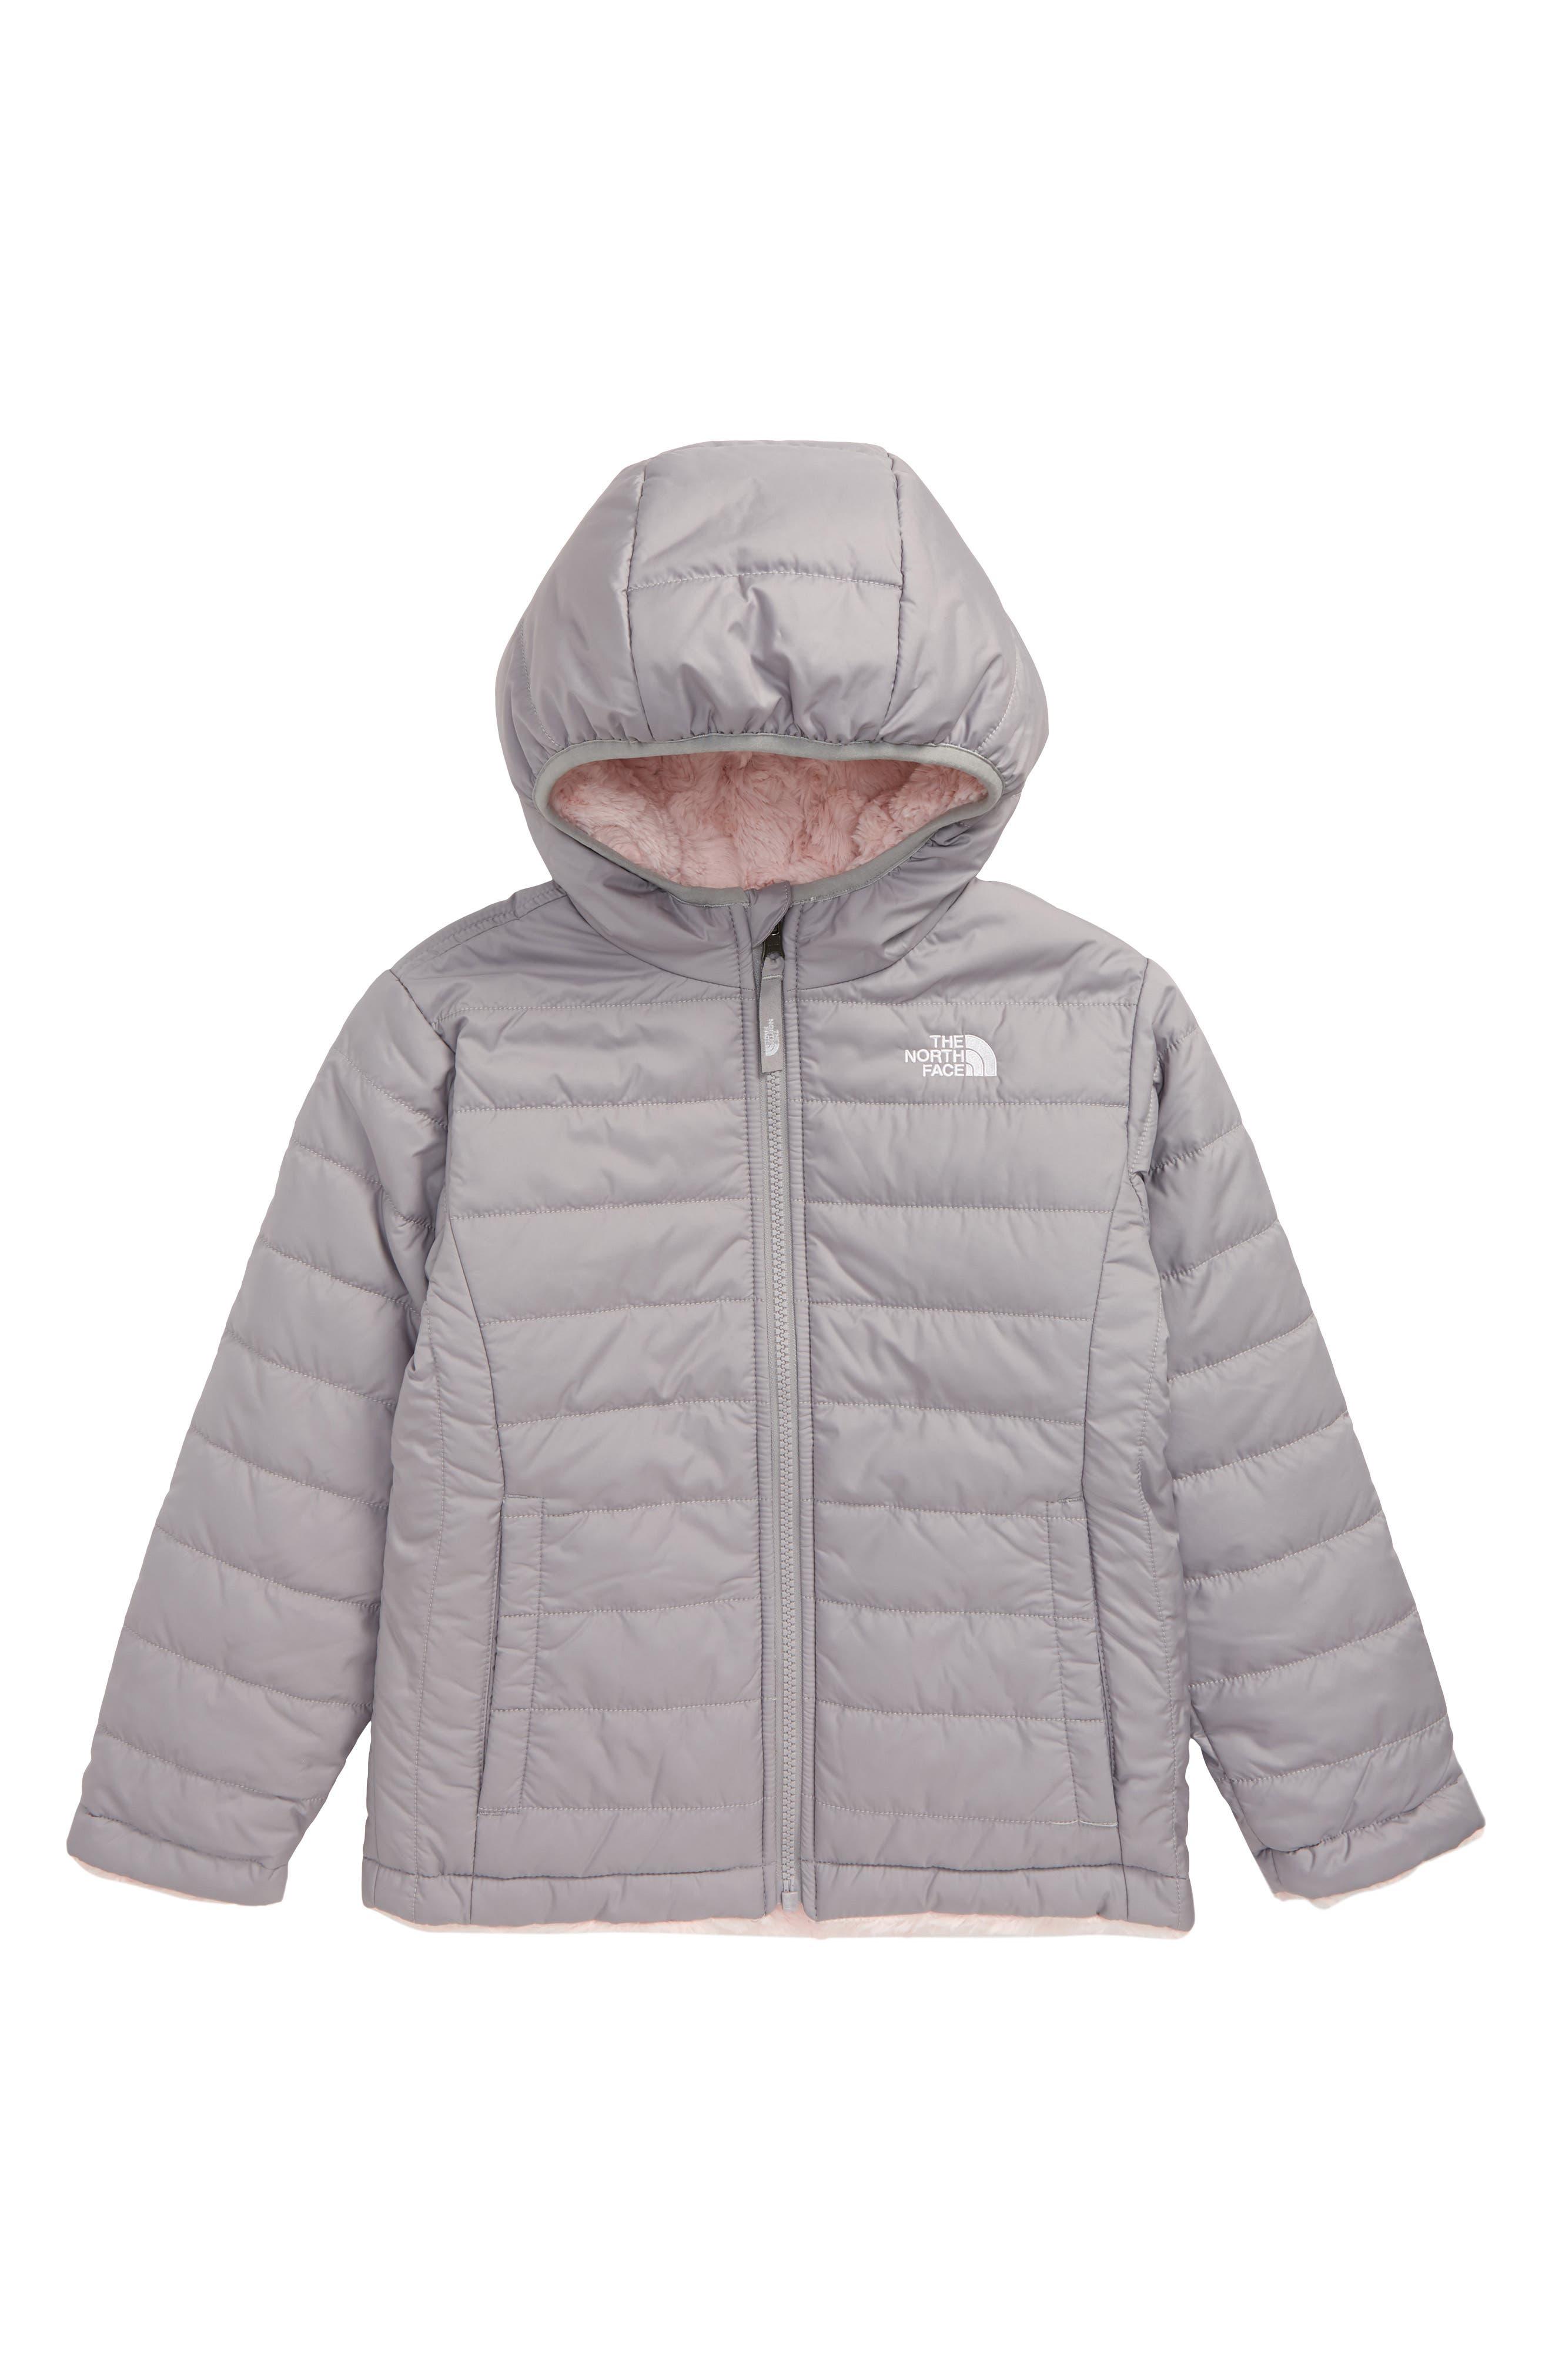 Girls' Coats, Jackets & Outerwear: Rain, Fleece & Hood